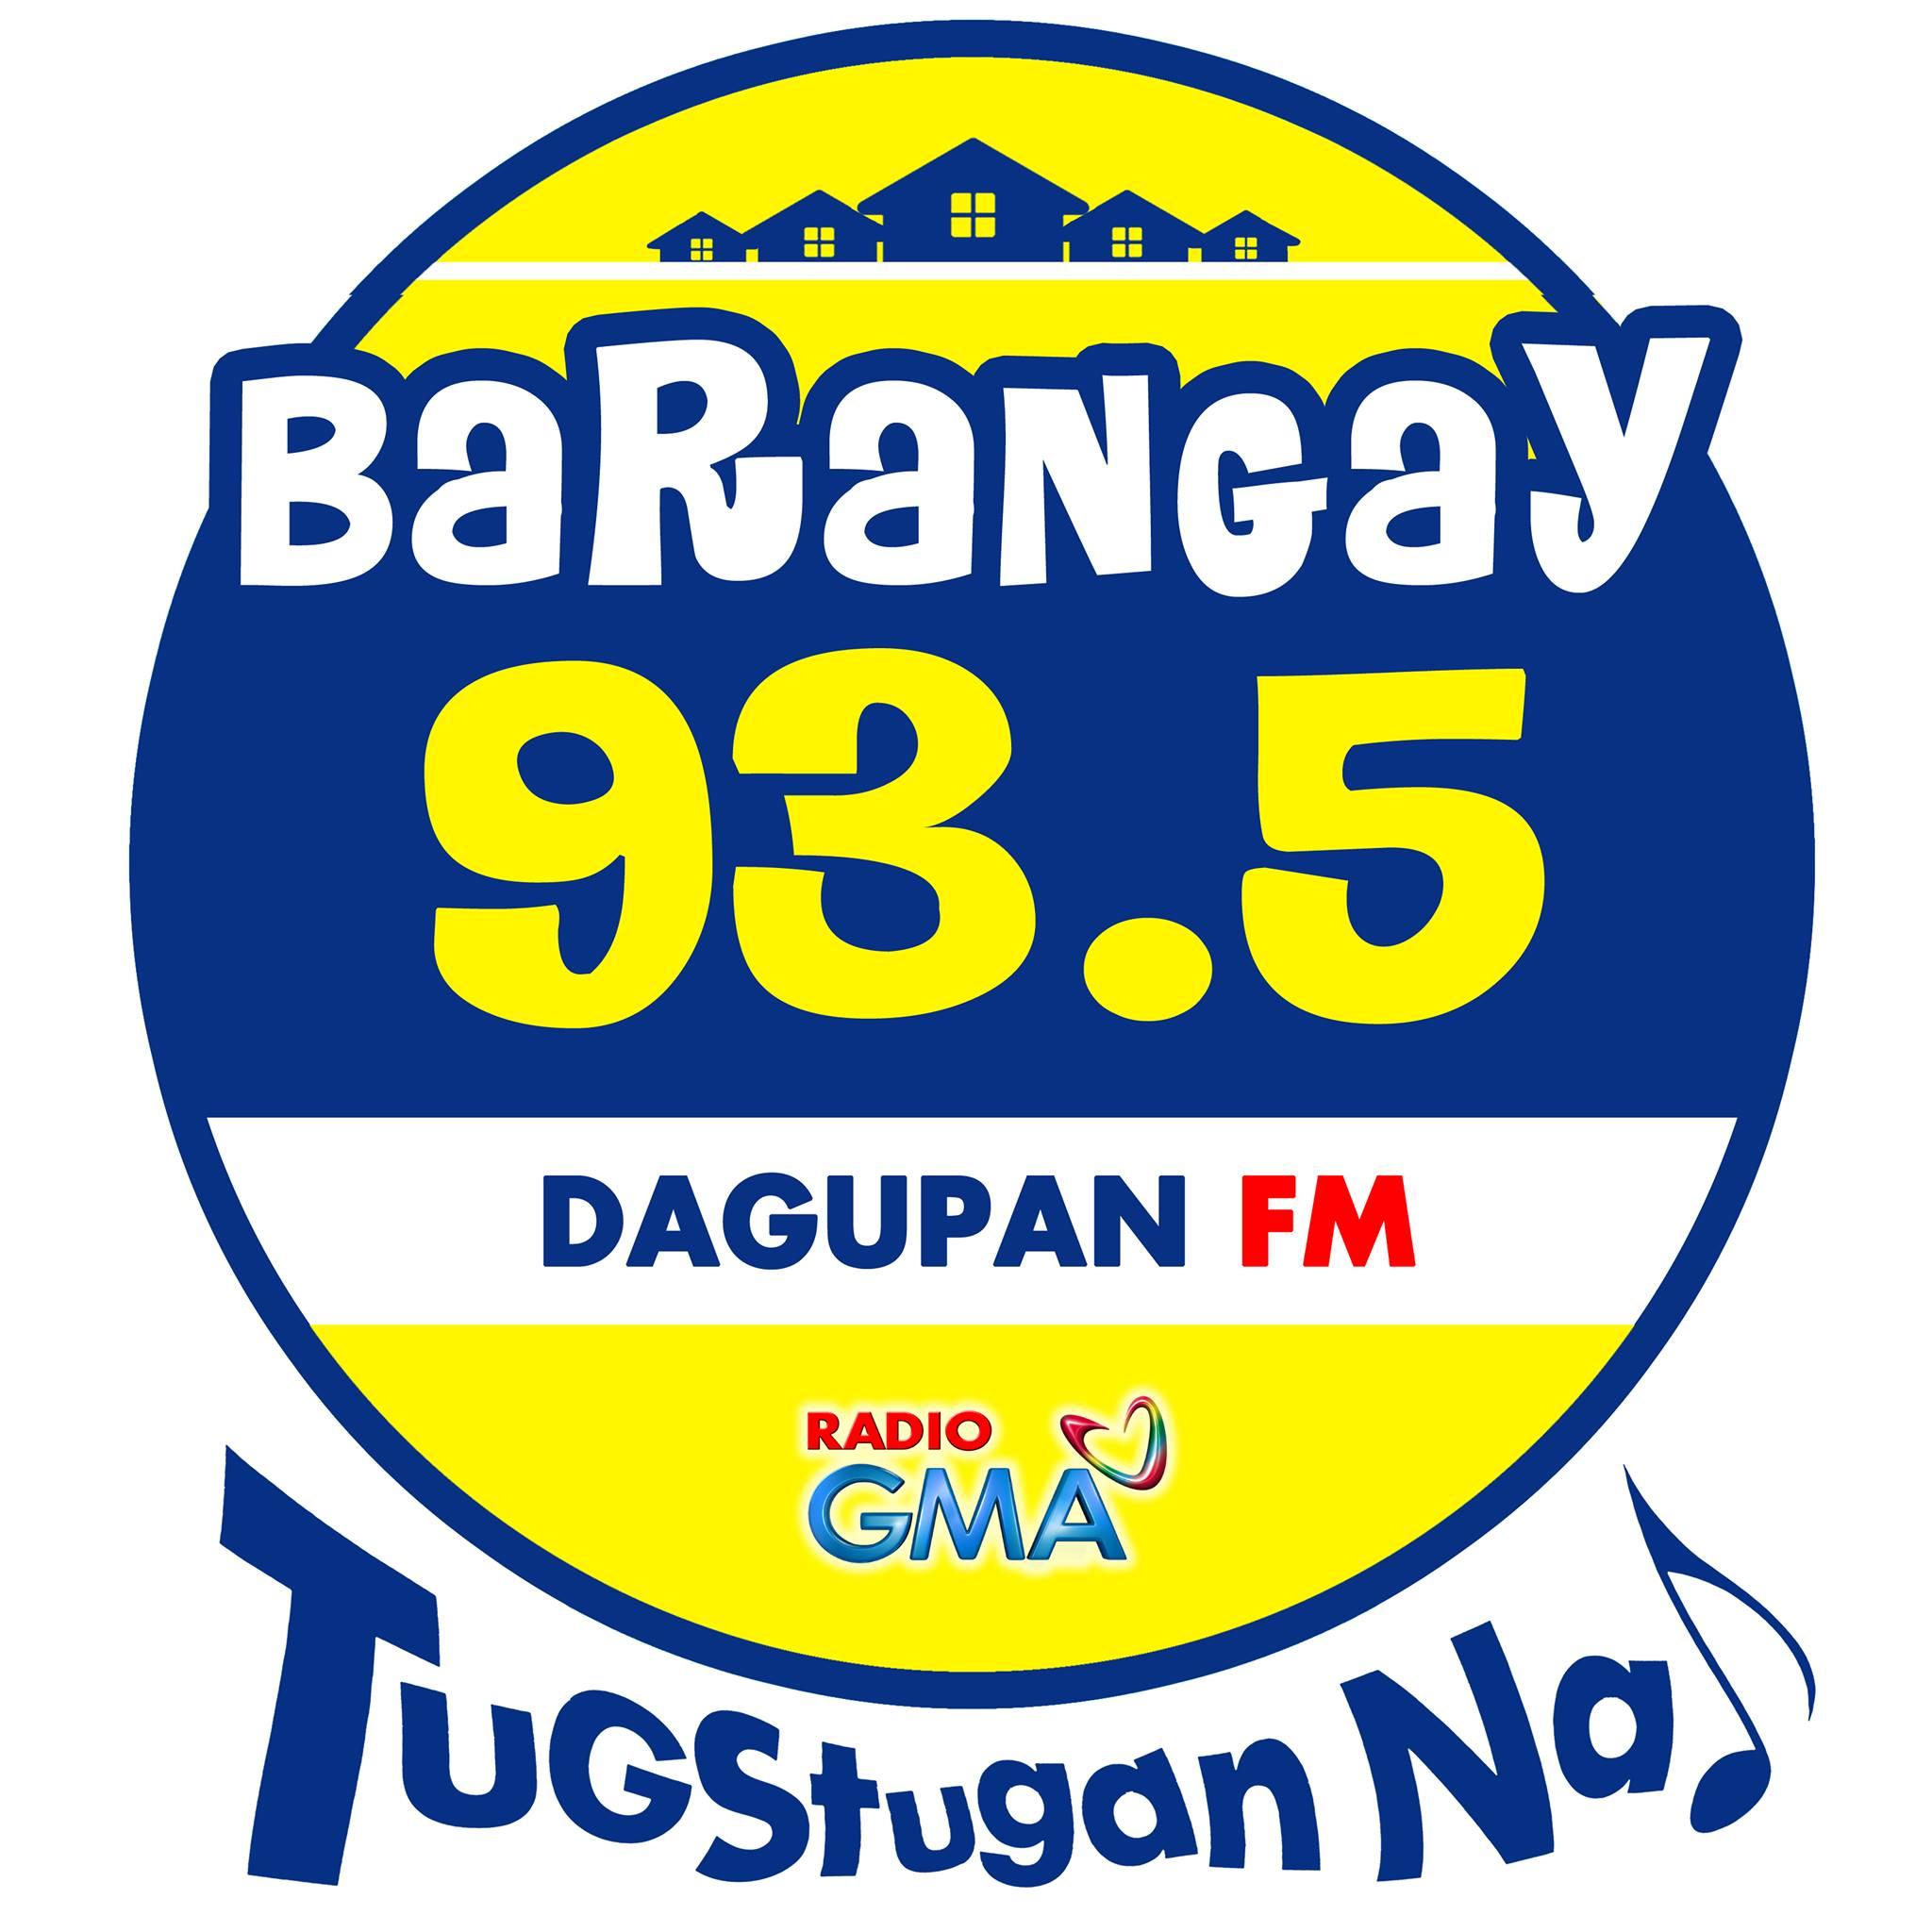 Barangay 93.5 Dagupan 2015 logo.jpeg